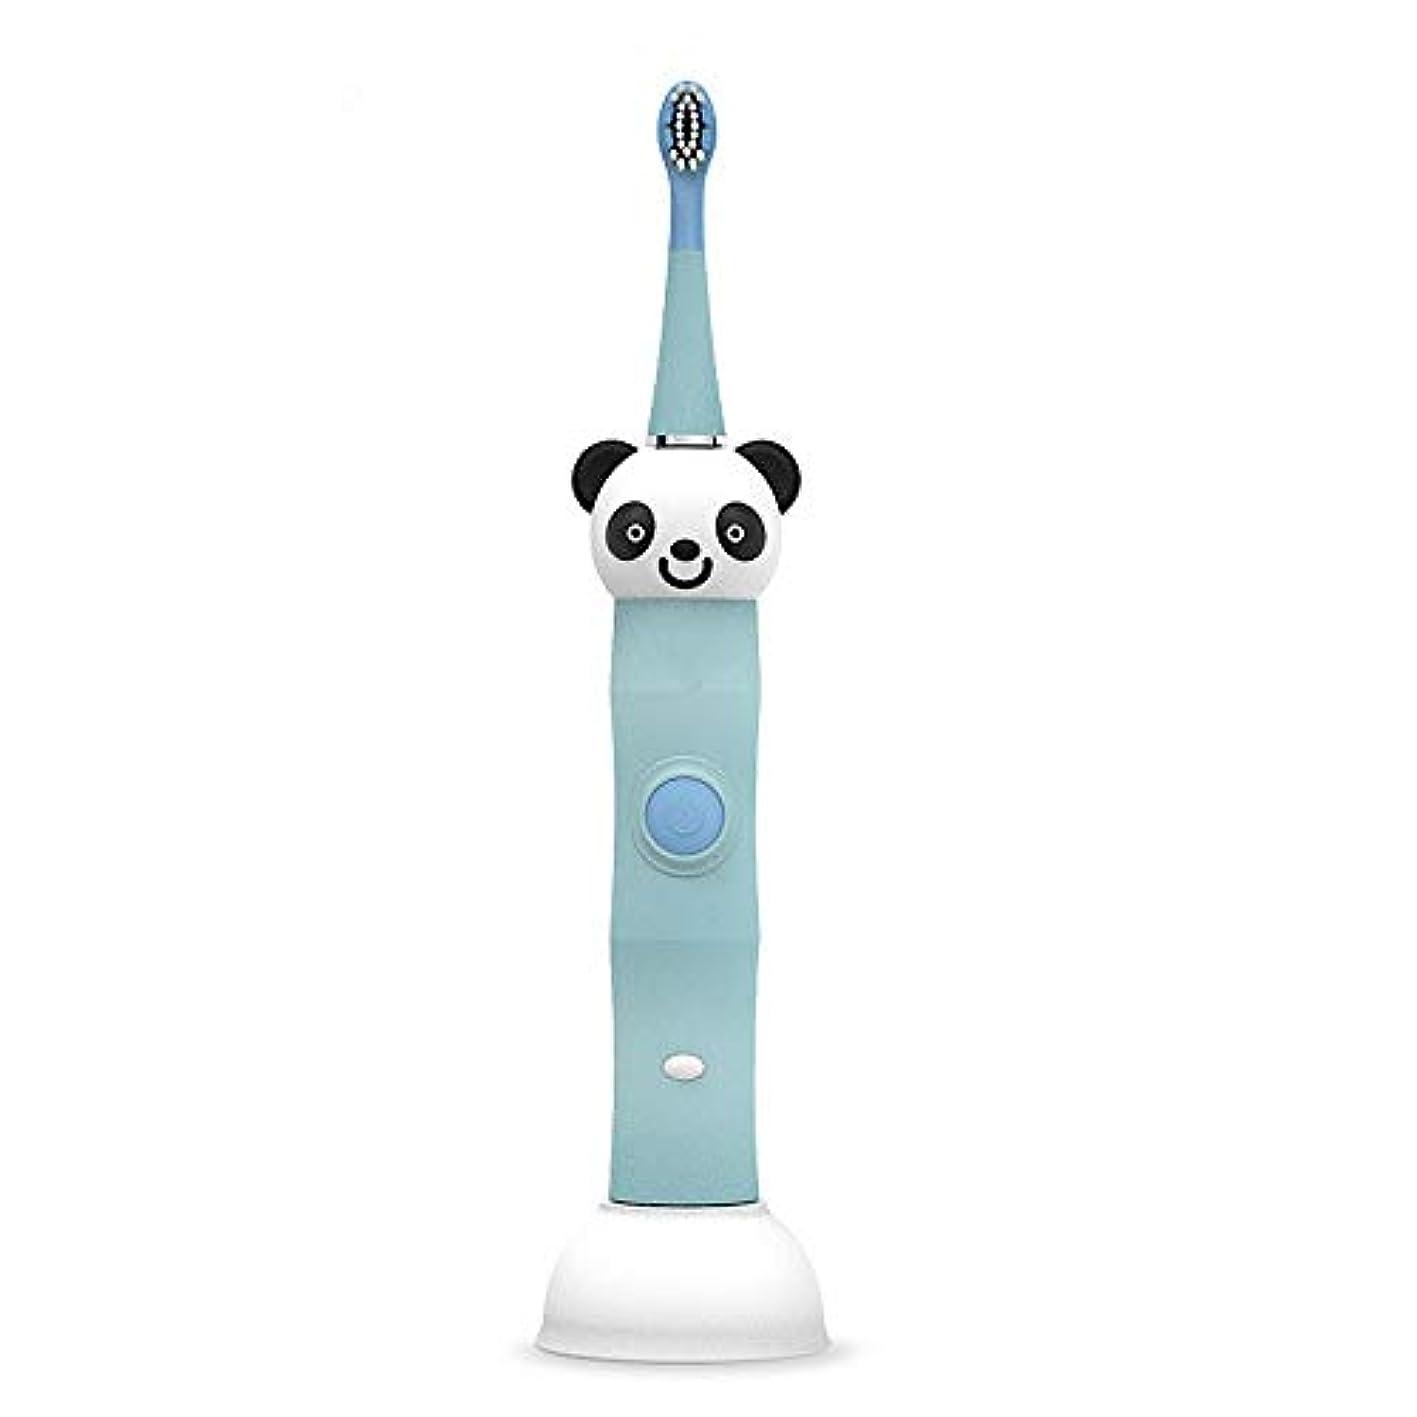 原子炉適応対象電動歯ブラシ 毎日の使用のためのUSBの充満基盤の柔らかい毛のきれいな歯ブラシと防水子供の電動歯ブラシ 大人と子供向け (色 : 青, サイズ : Free size)